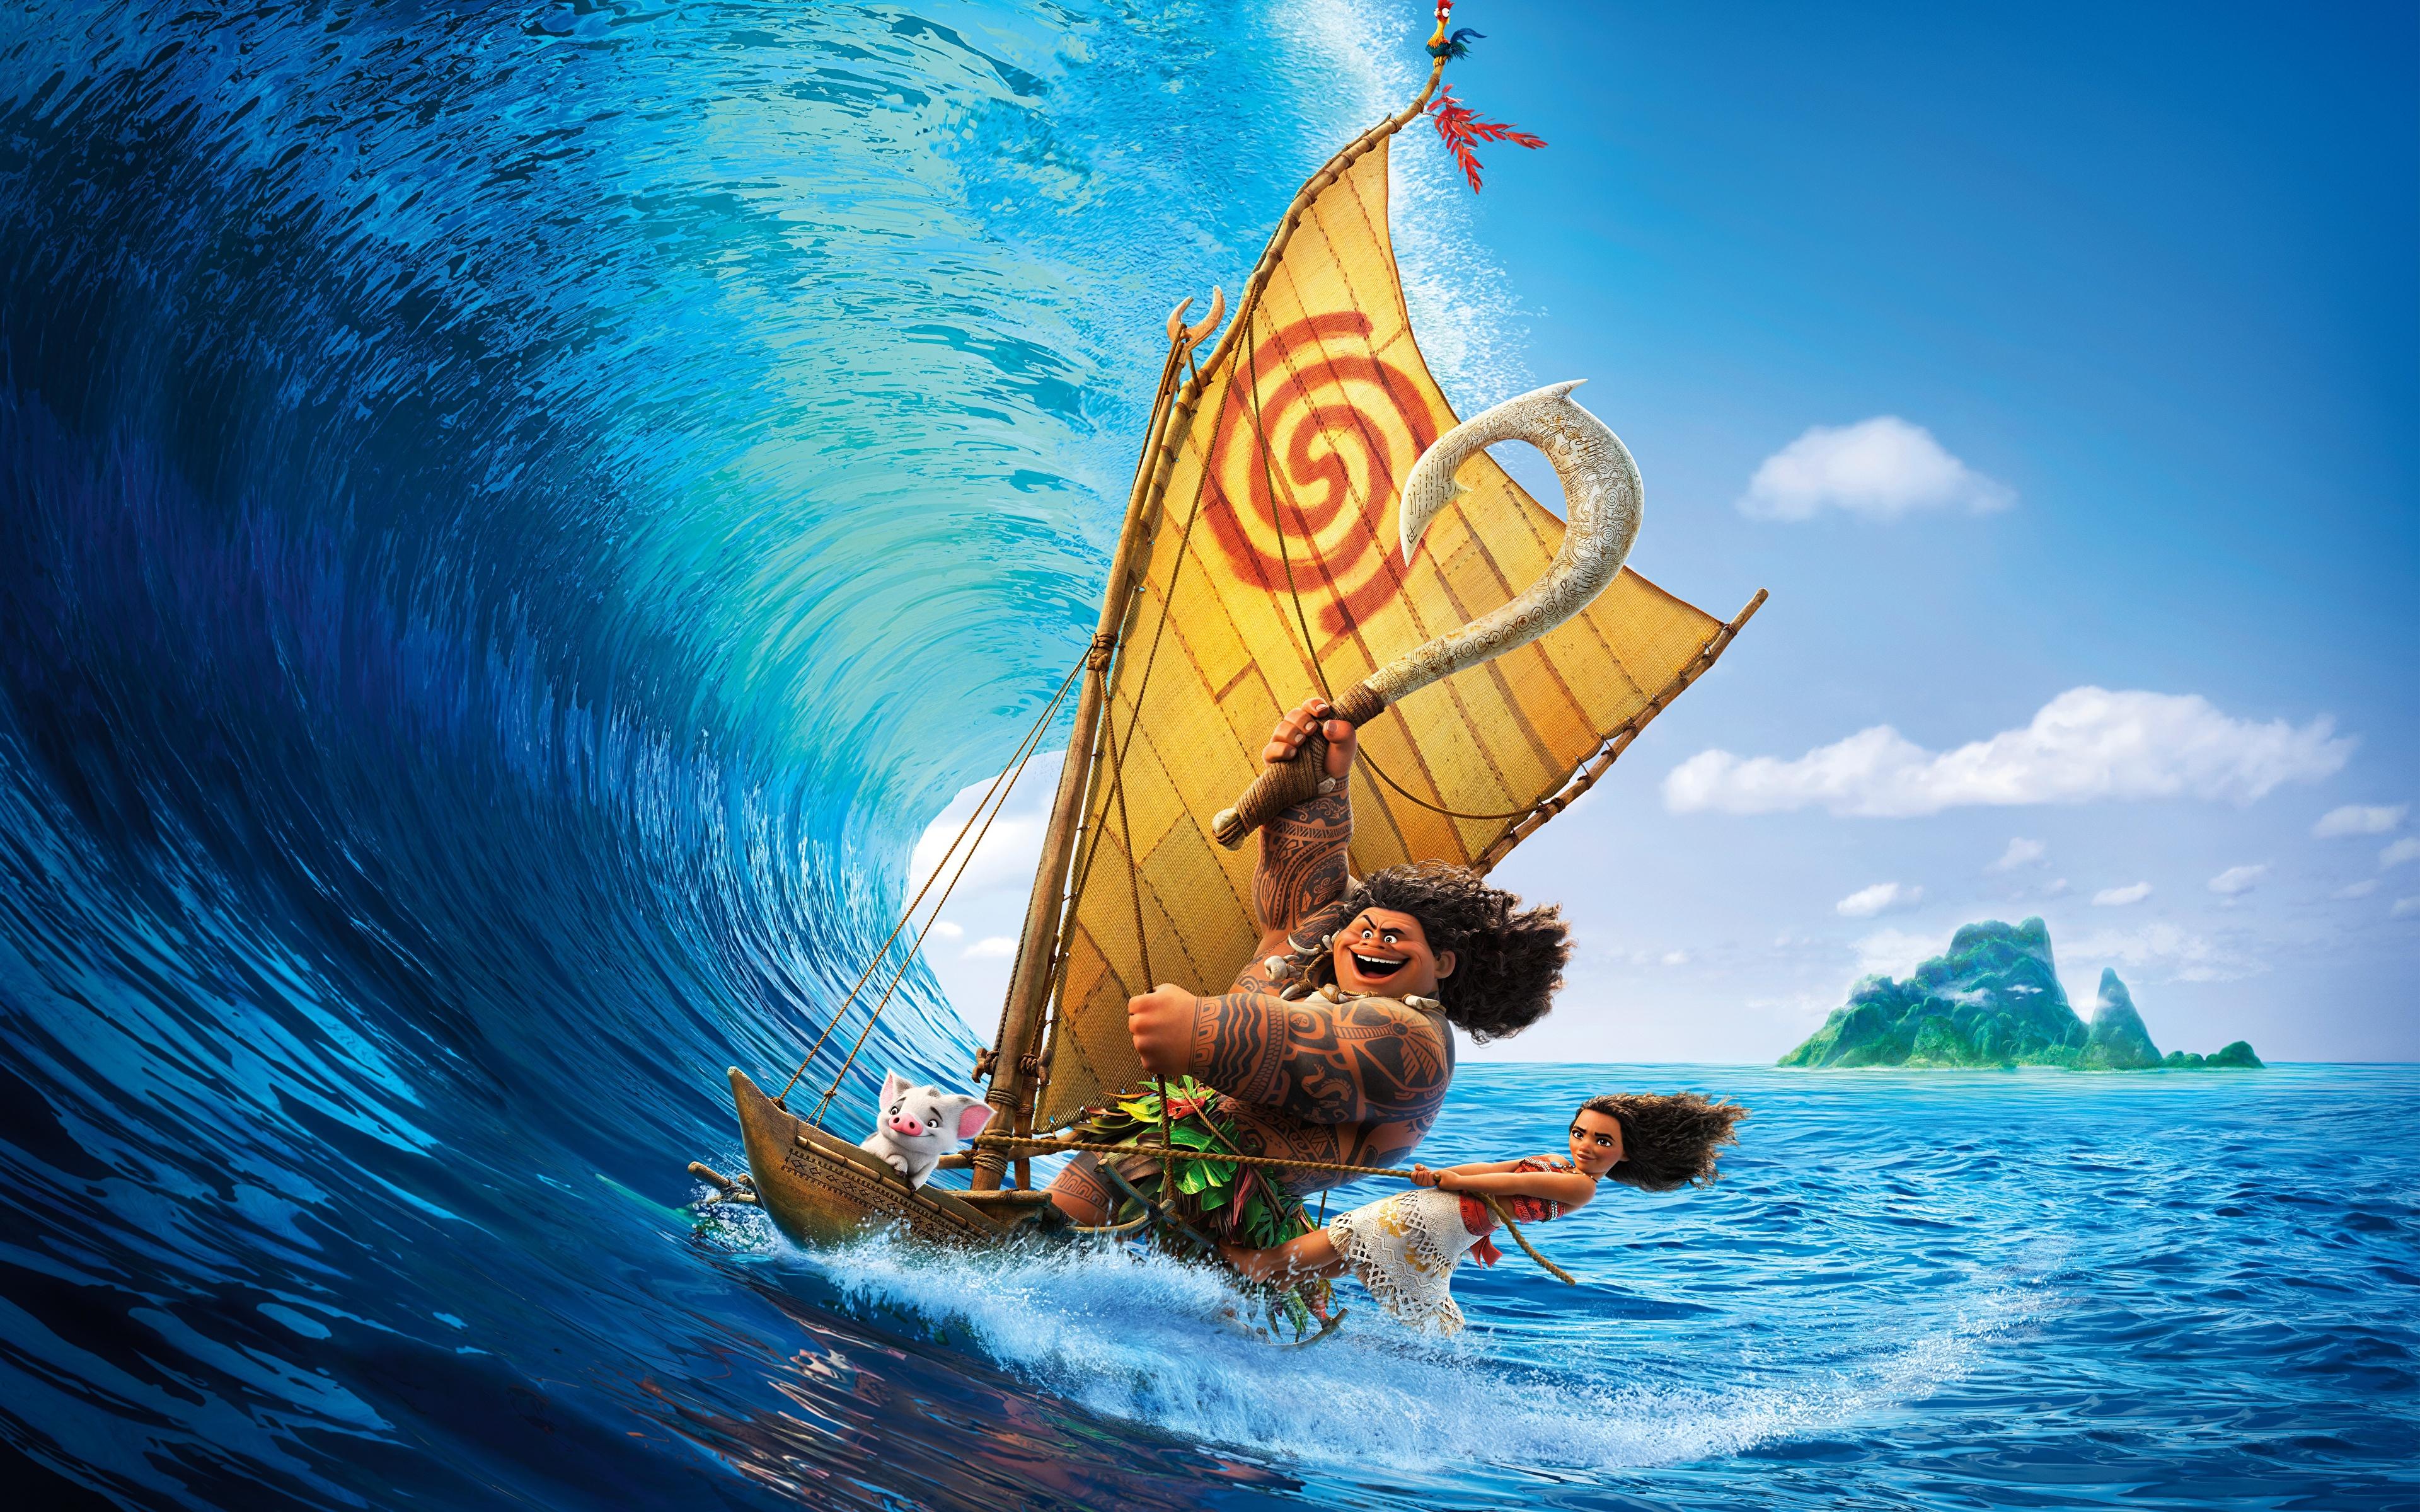 壁紙 3840x2400 サーフィン 波 海 モアナと伝説の海 Maui 漫画